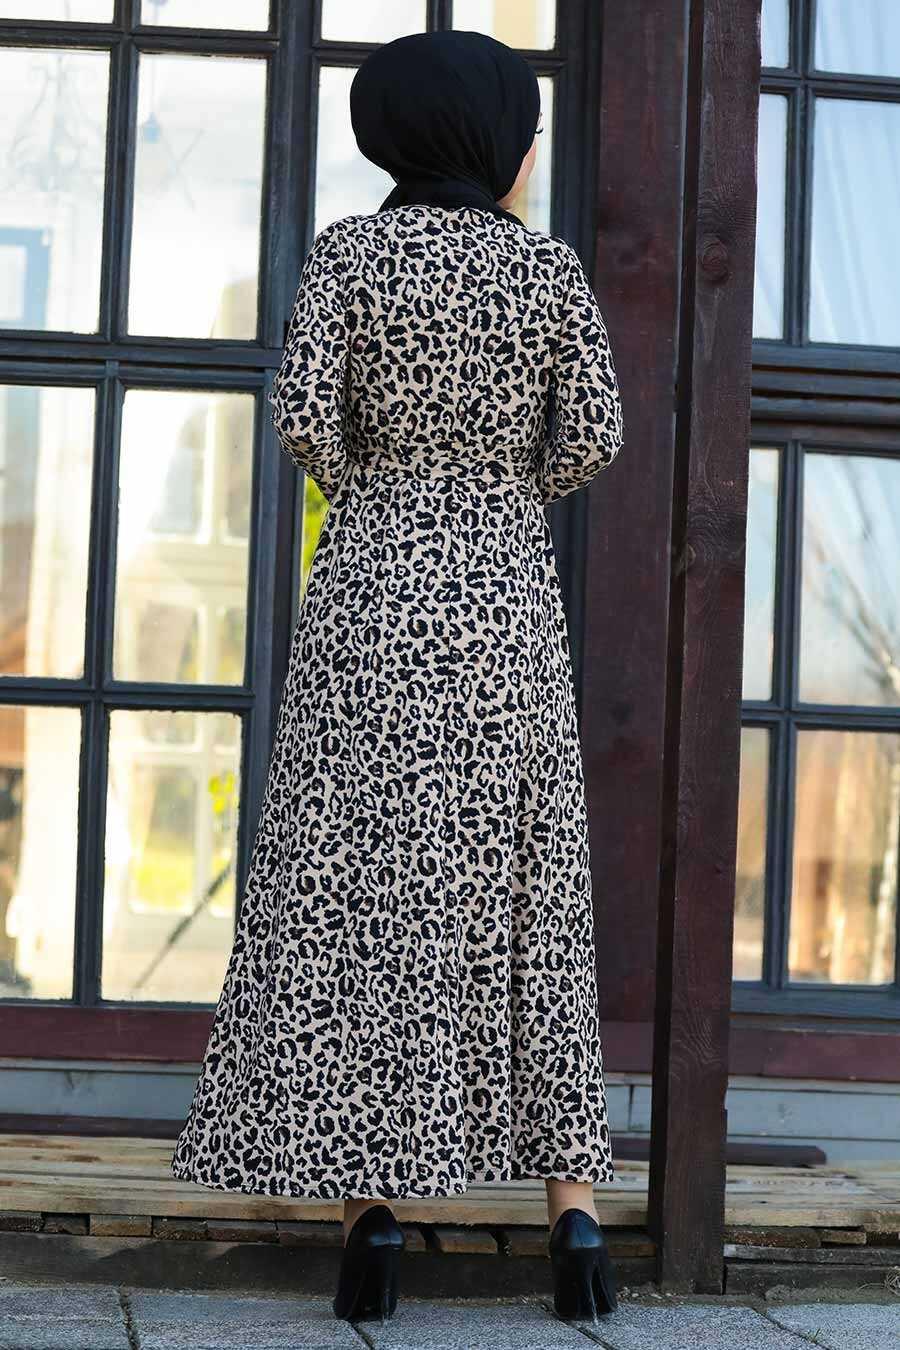 Leopard Patterned Hijab Dress 43092LP